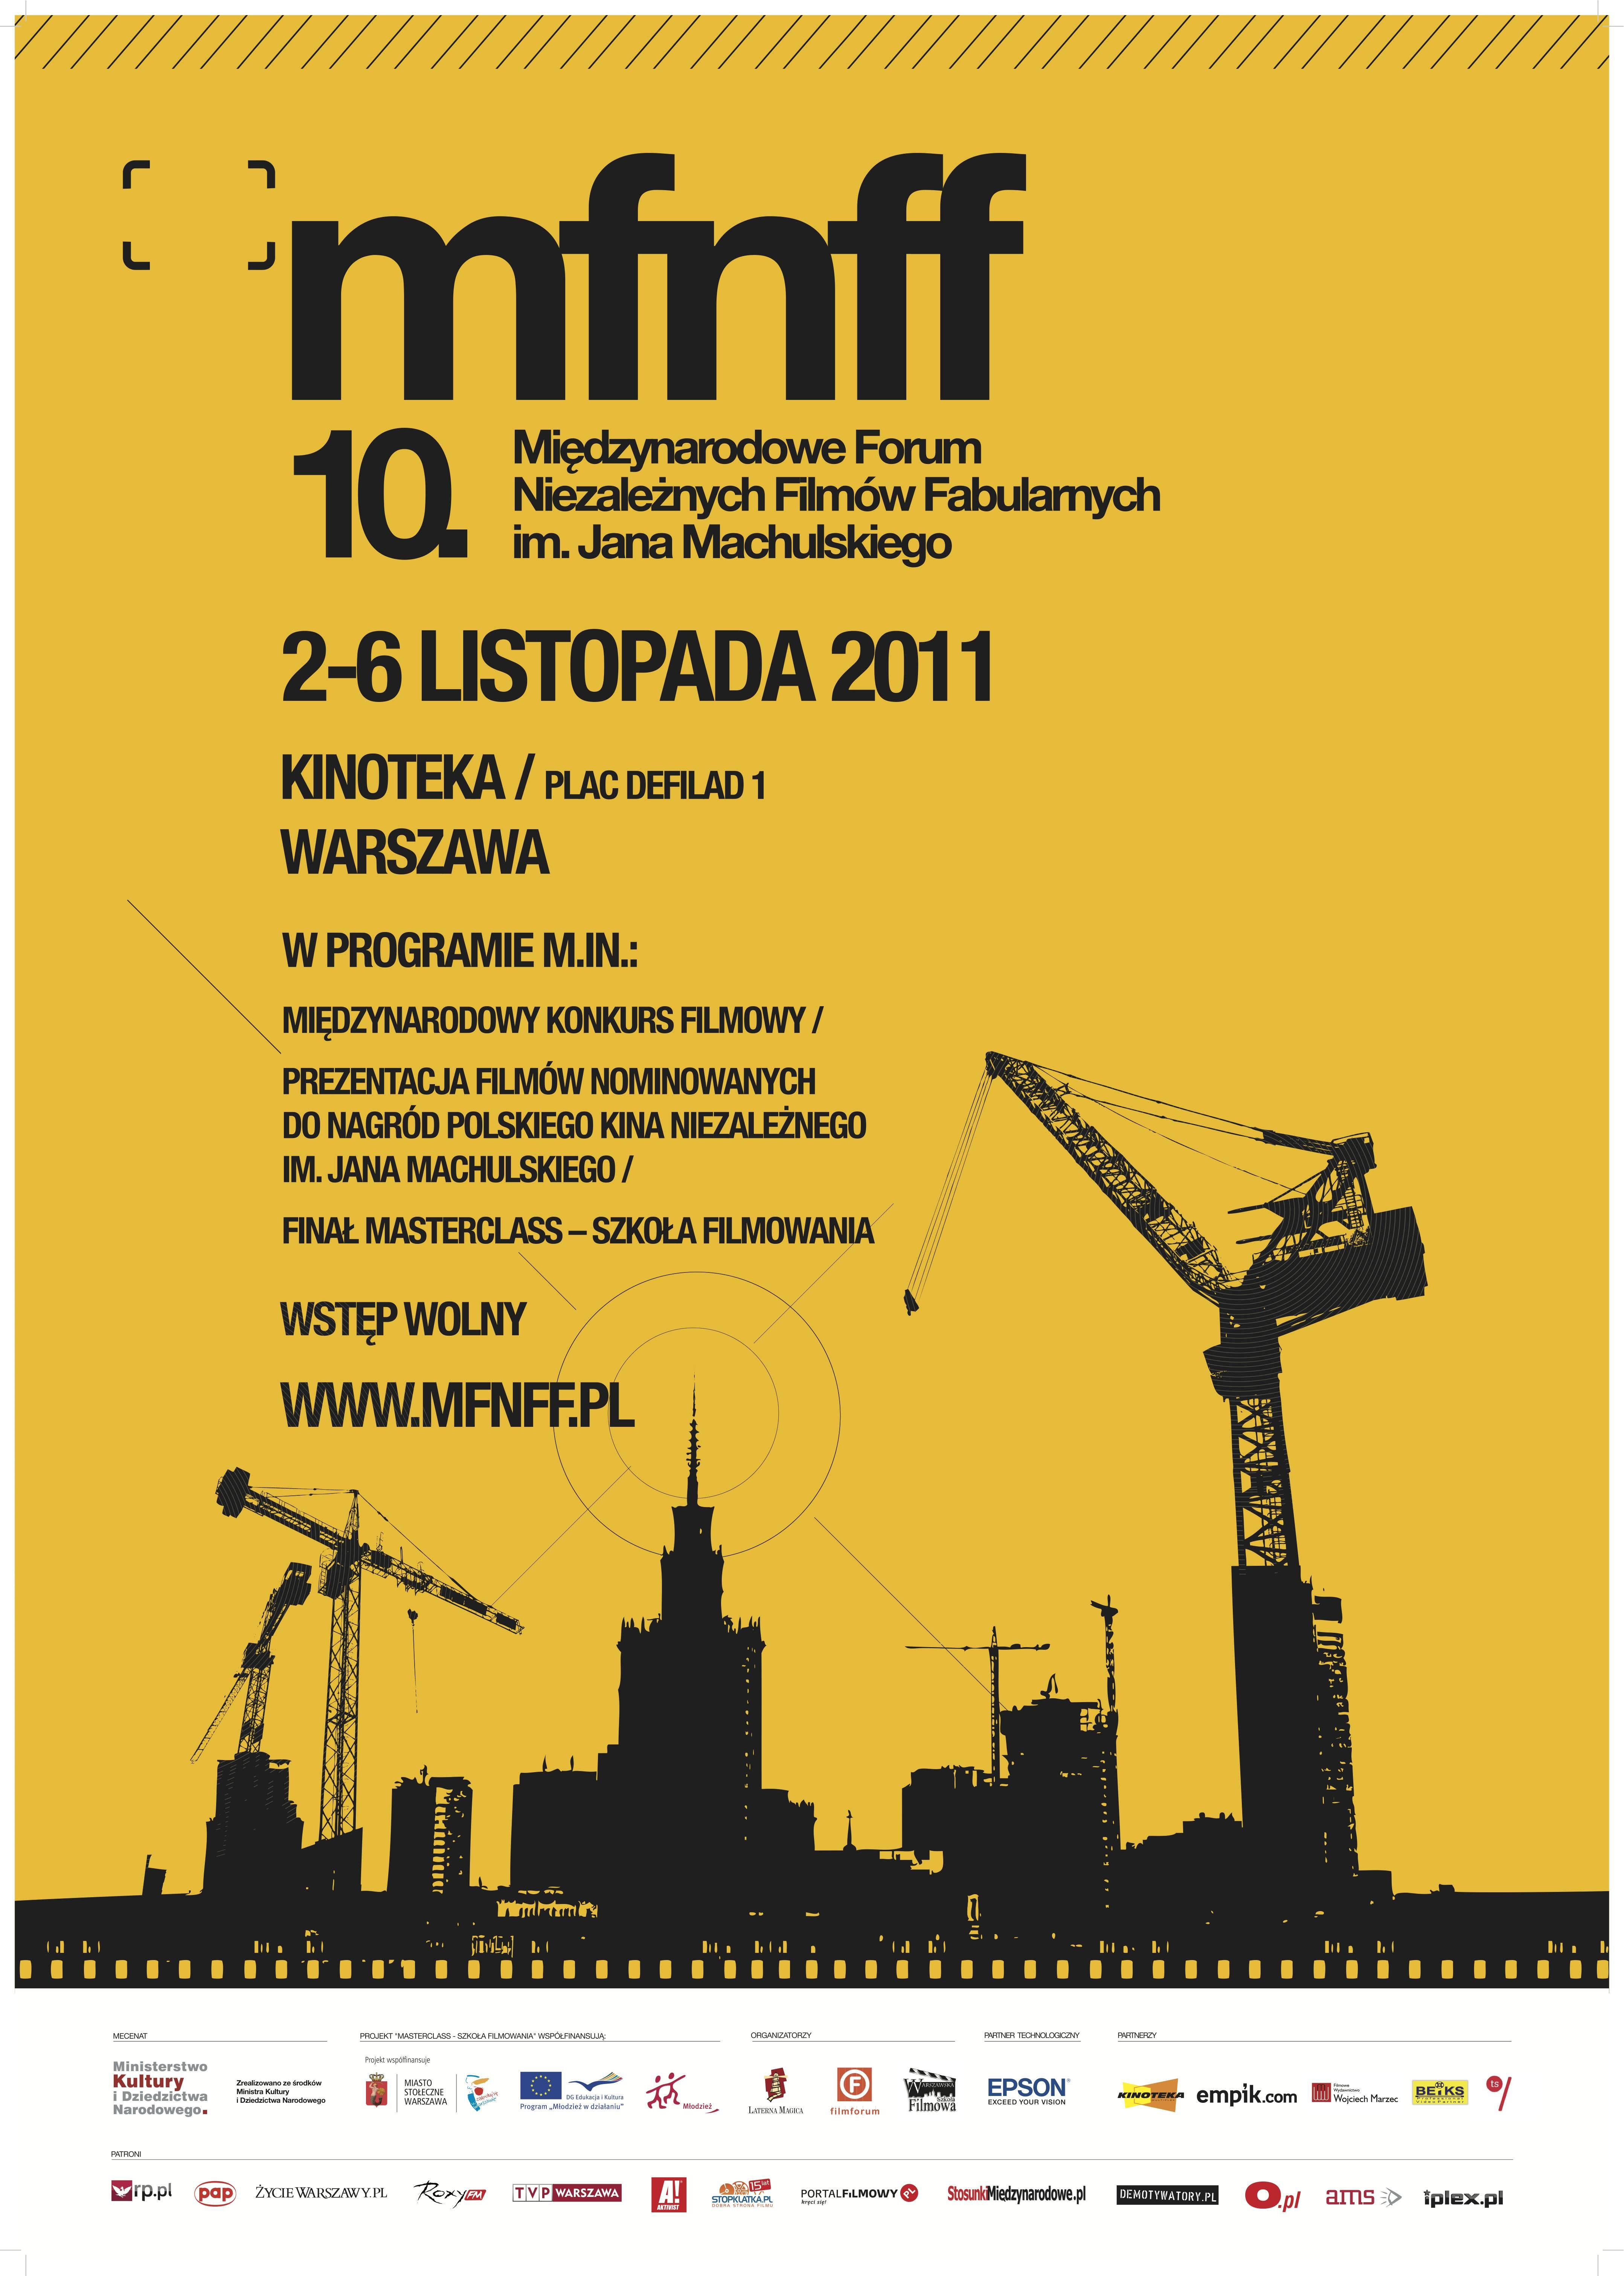 10. edycja Międzynarodowego Forum Niezależnych Filmów Fabularnych - plakat (źródło: materiały prasowe organizatora)